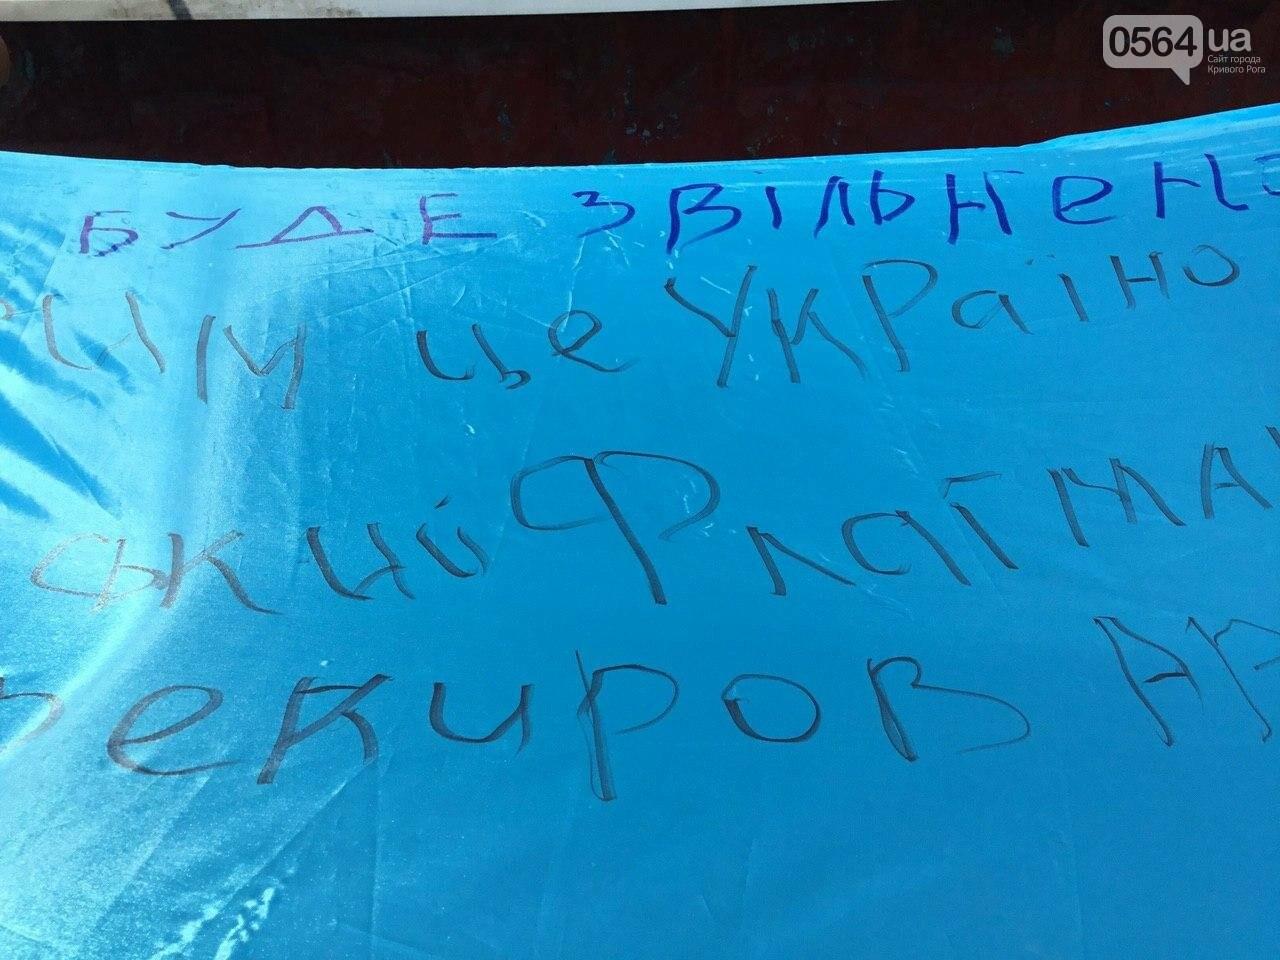 """""""Українці - брати, Разом ми - сила!"""", - какие пожелания и призывы написали криворожане на Знамени Единства, - ФОТО, ВИДЕО, фото-12"""